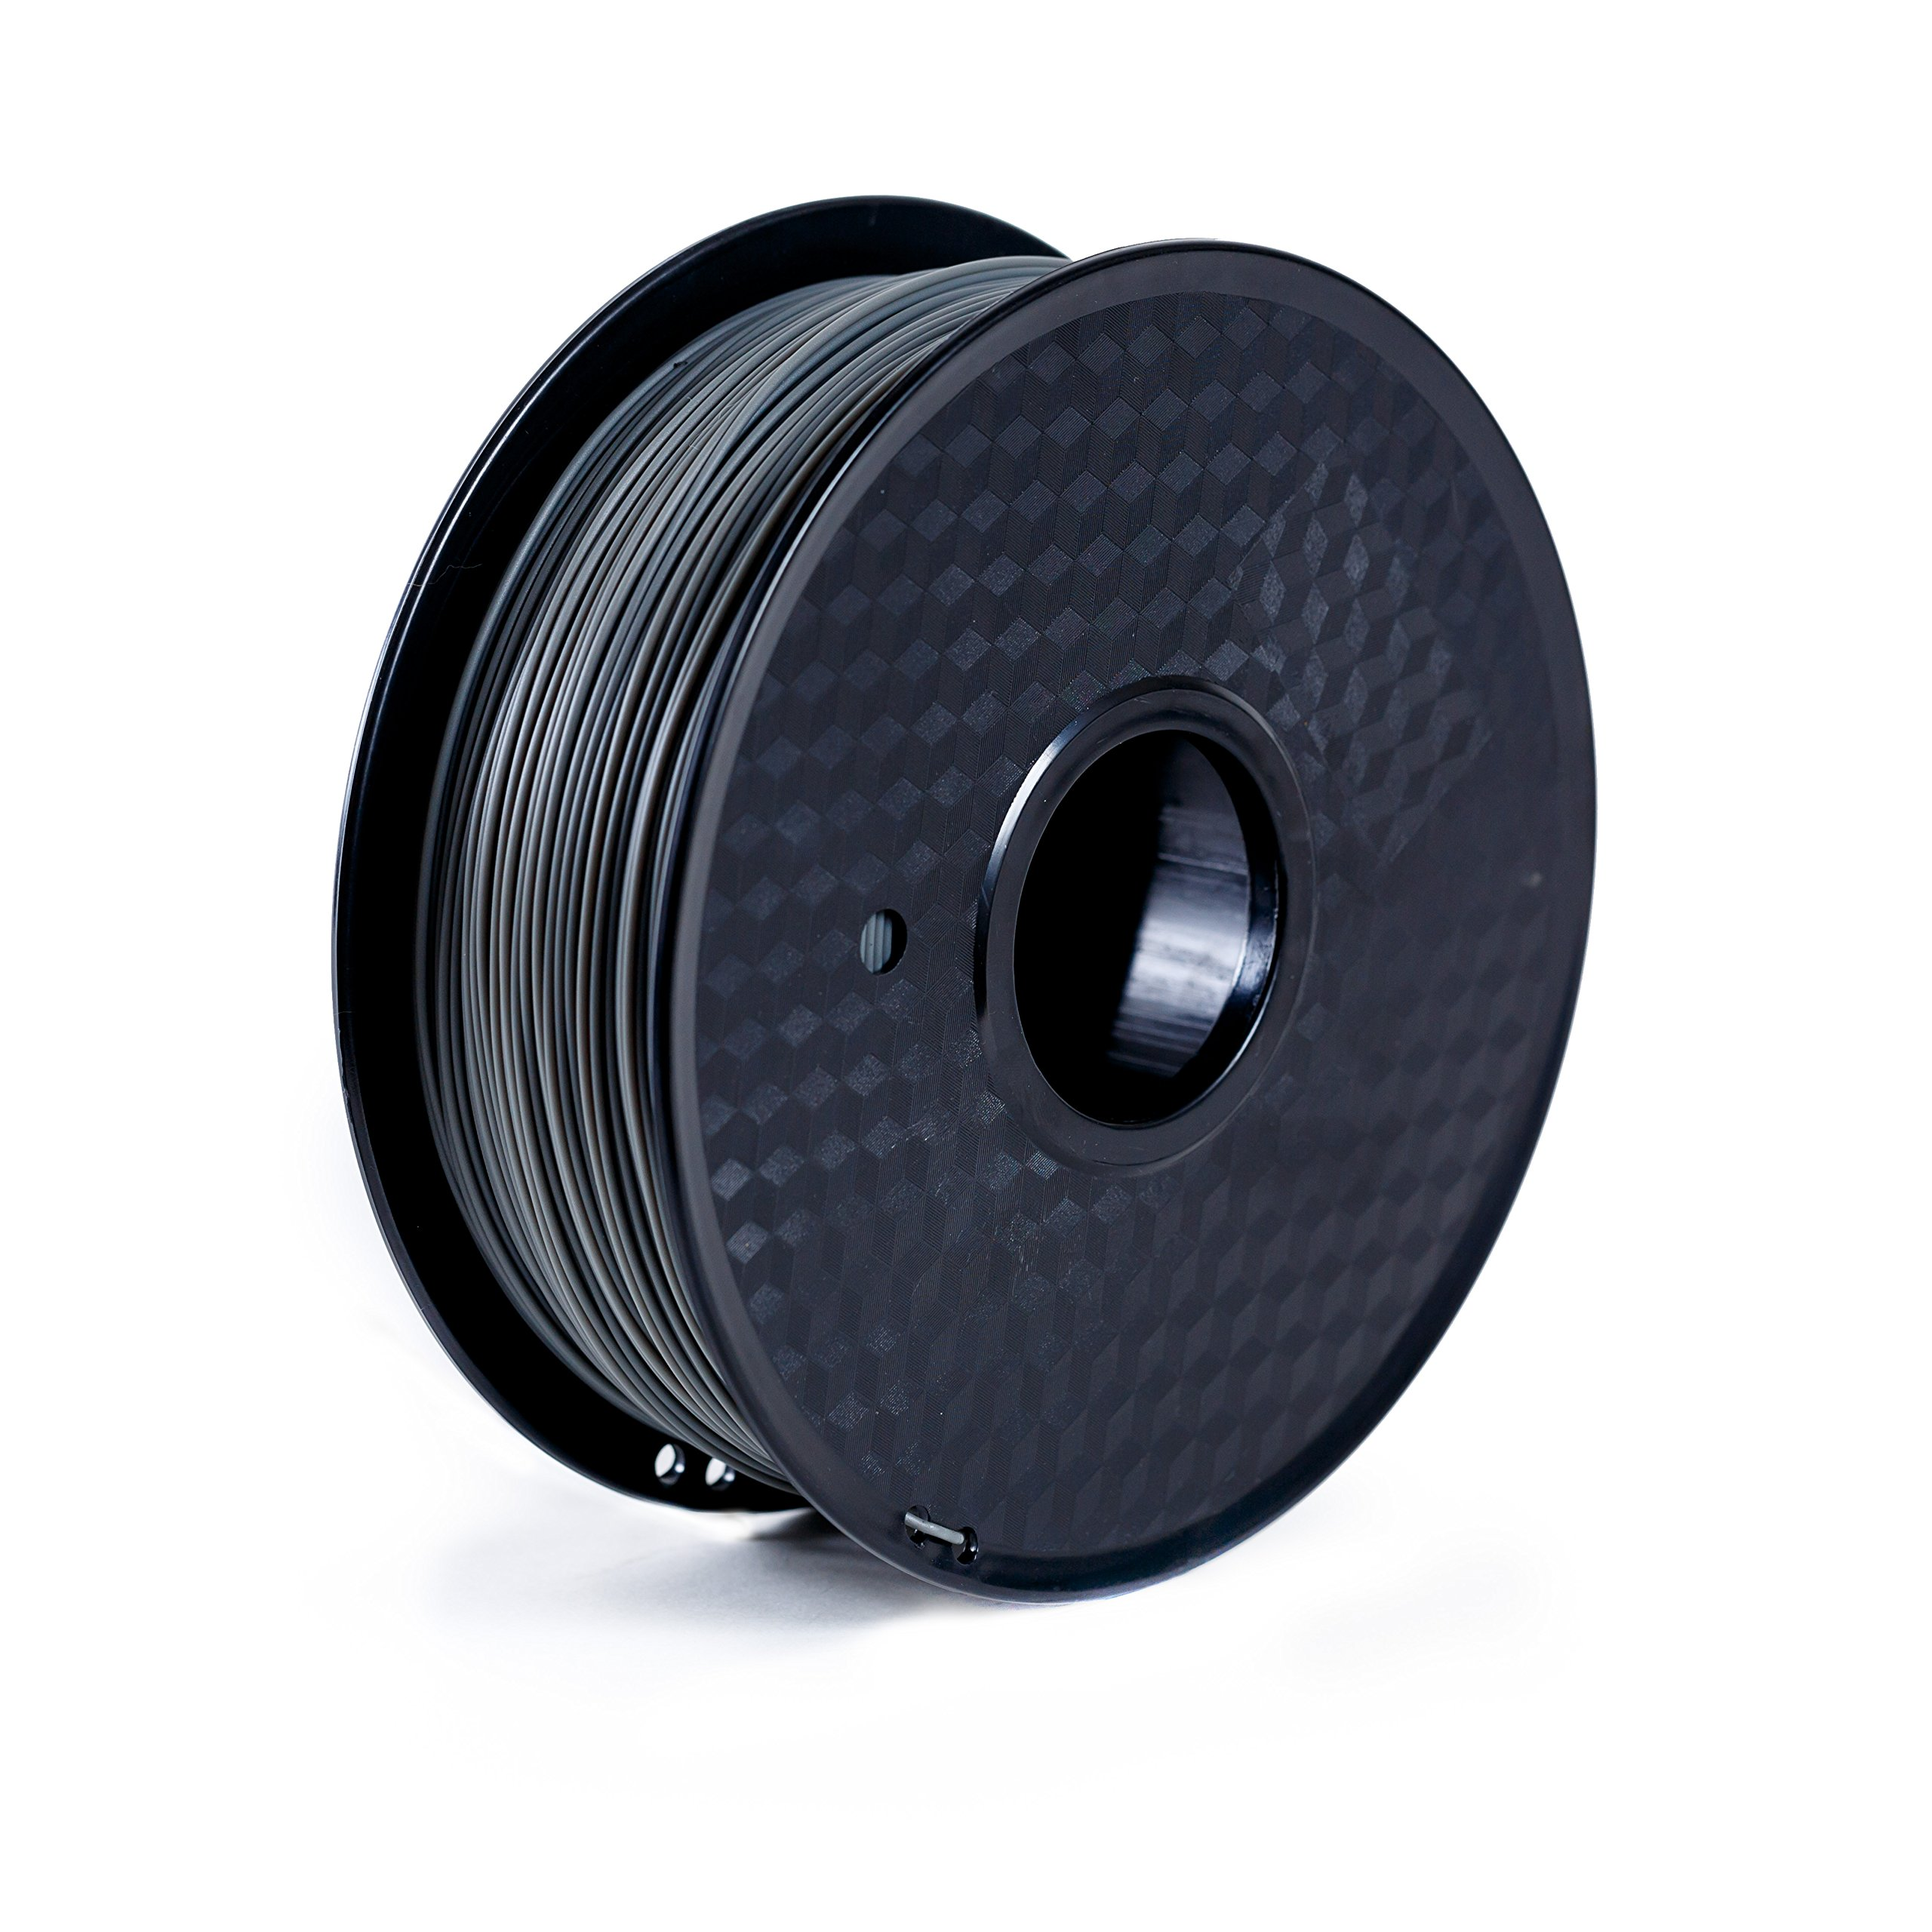 Paramount 3D PLA (PANTONE Graphite Gray 425C) 1.75mm 1kg Filament [BGRL7043425C]